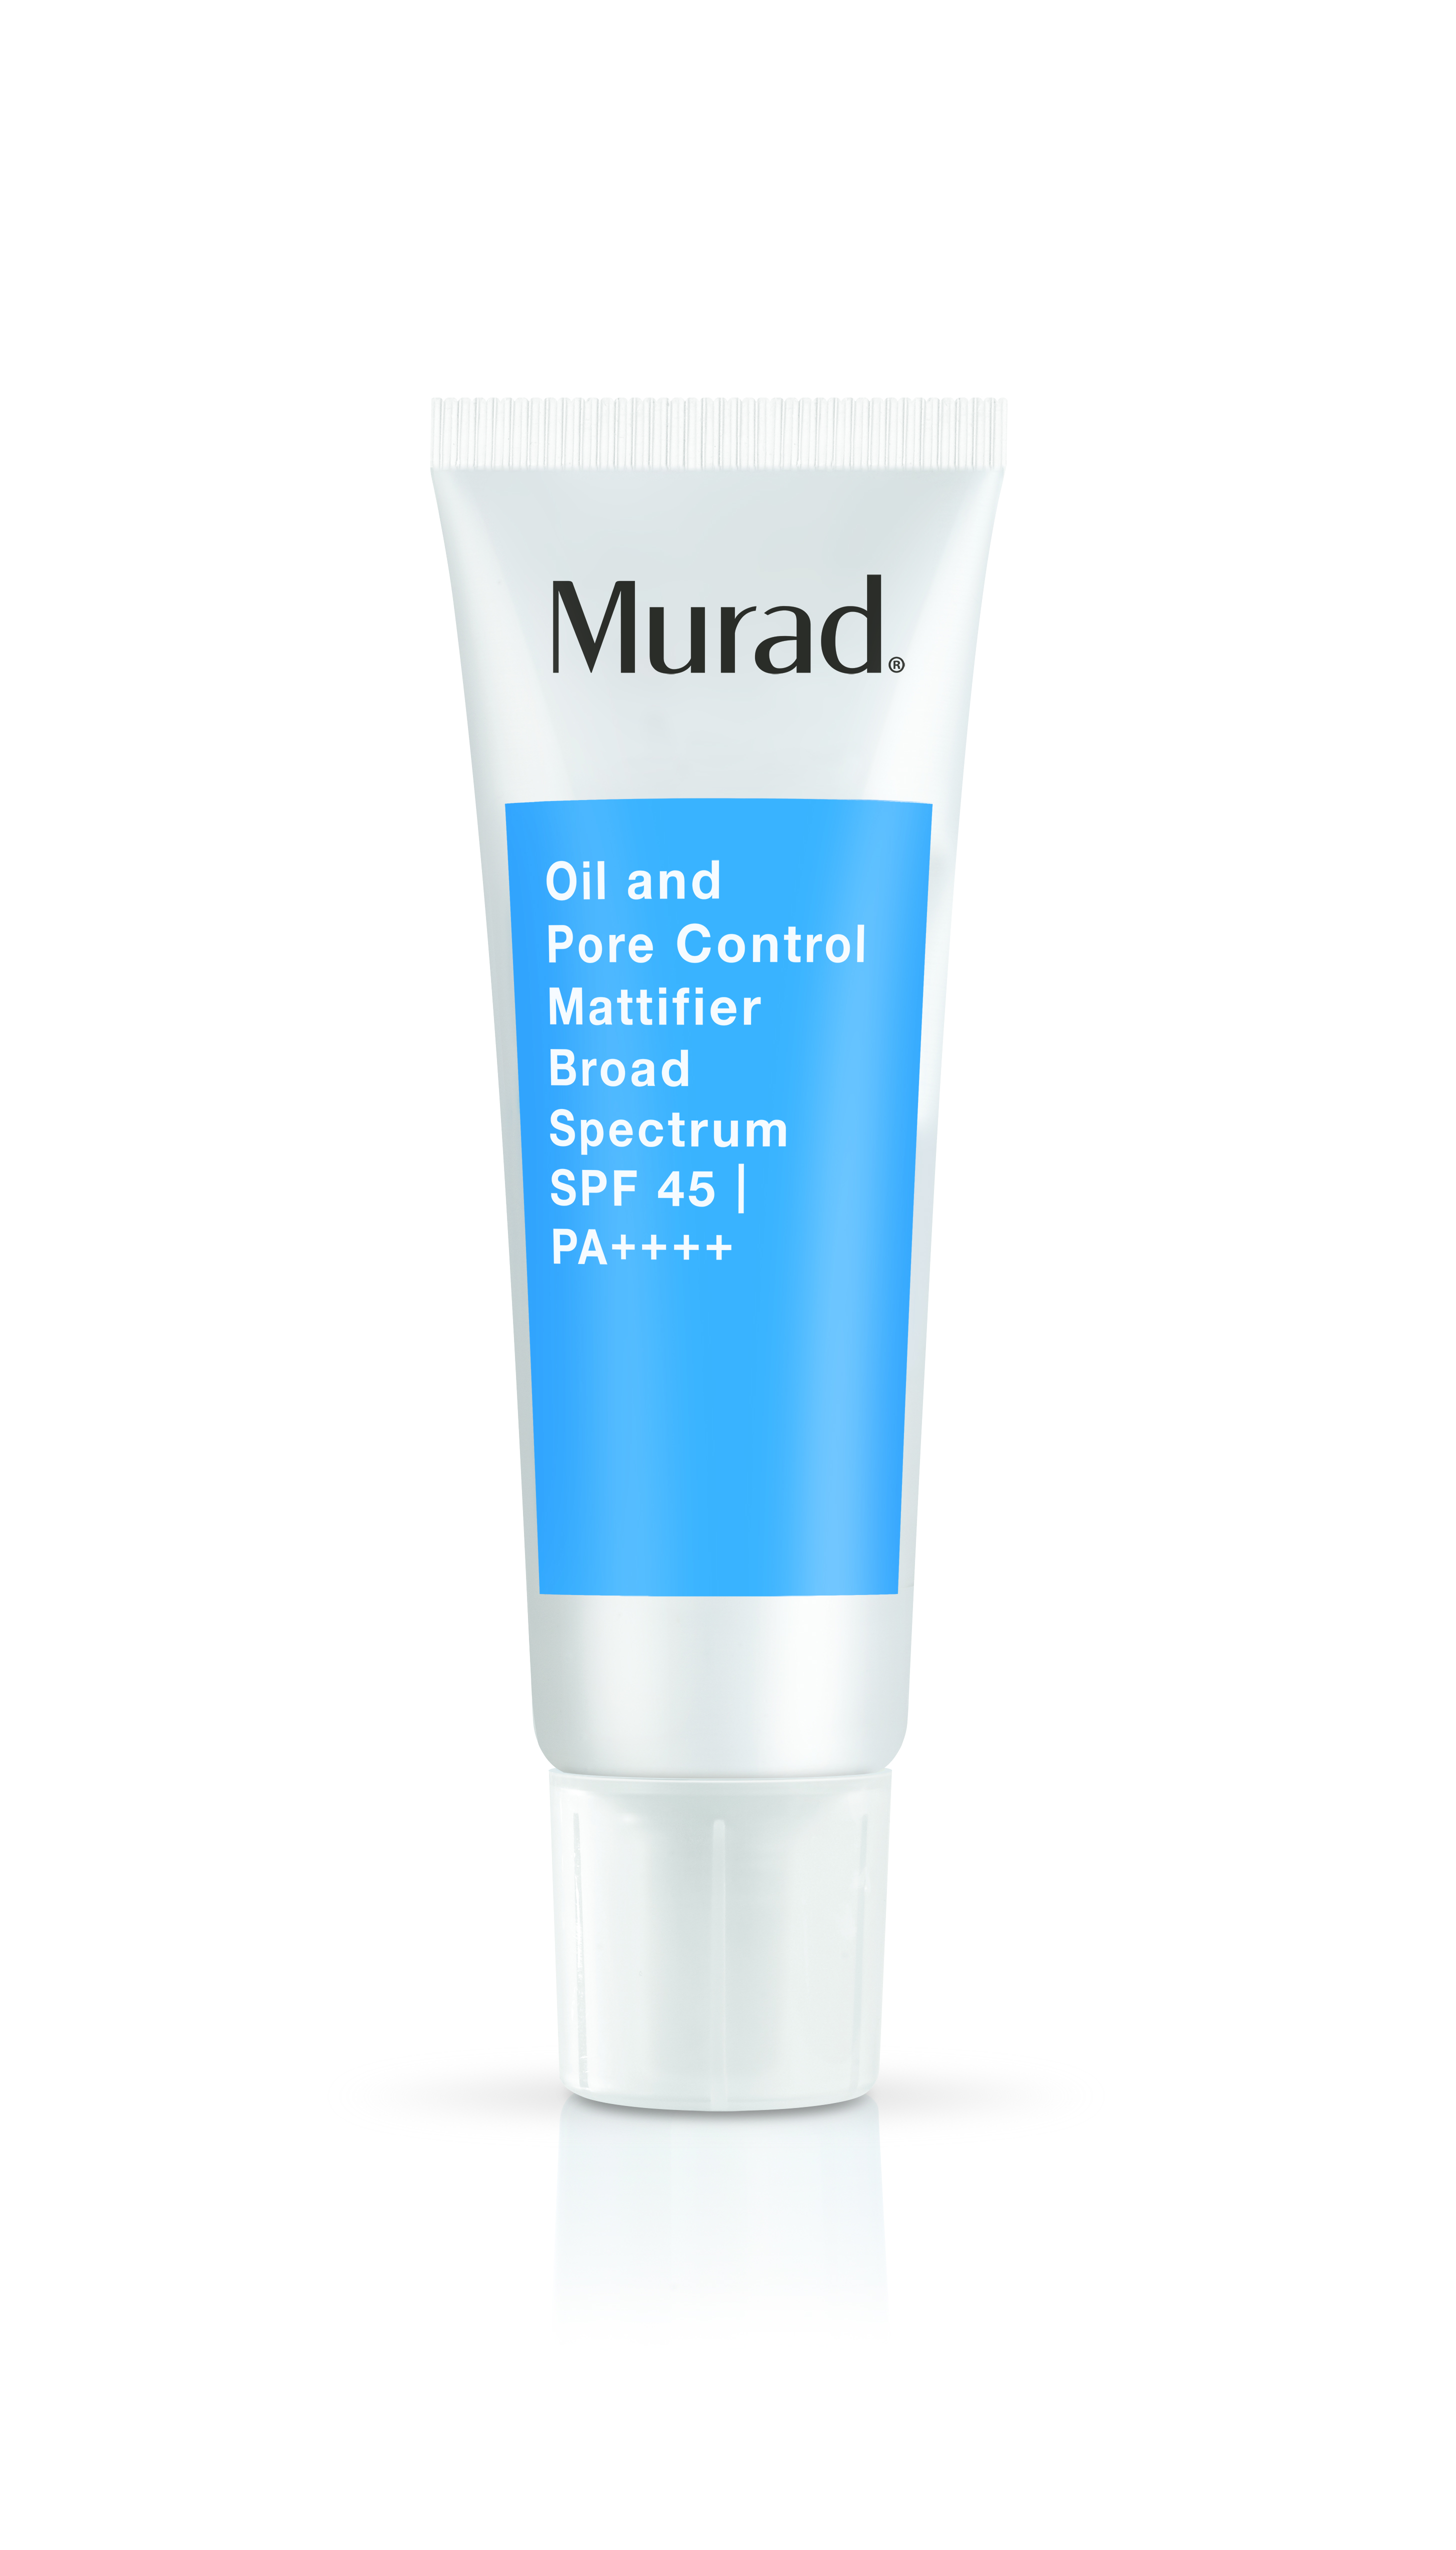 OIL AND PORE CONTROL MATTIFIER SPF 45 50ML